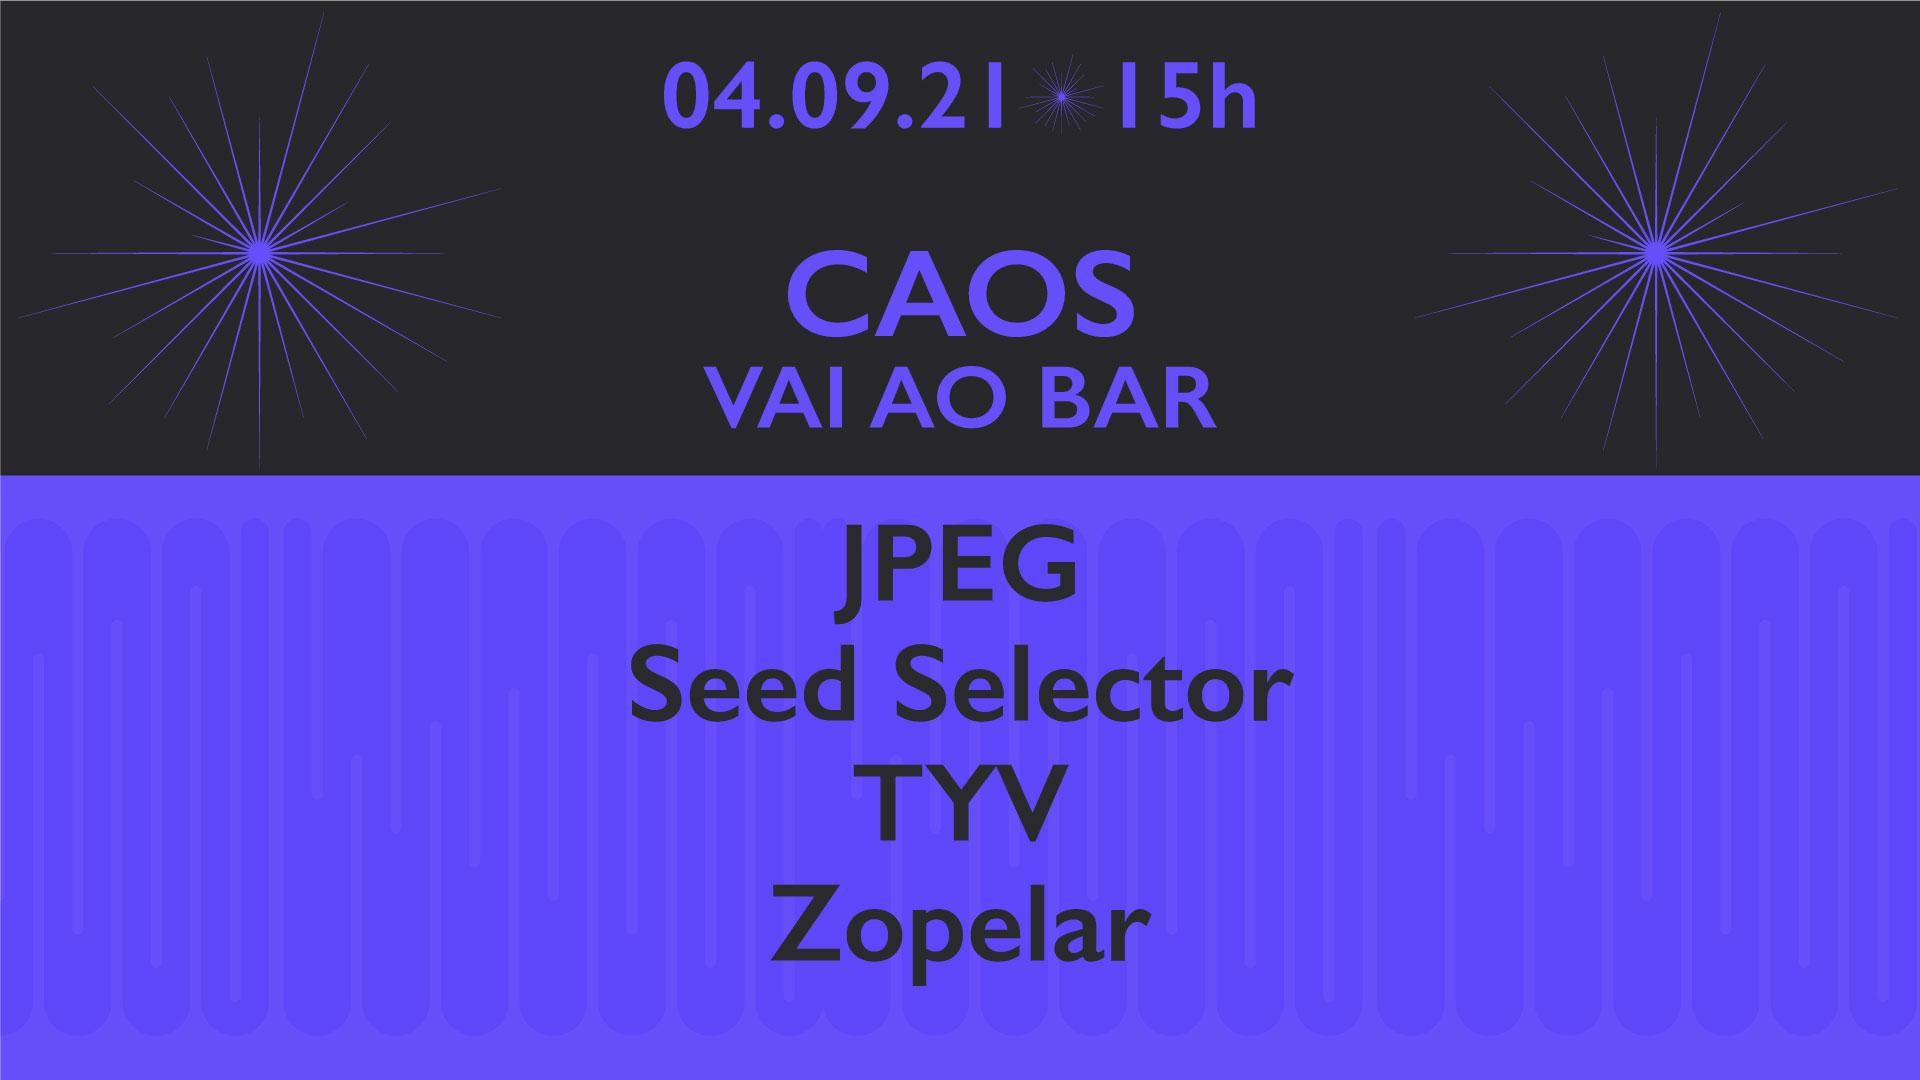 Caos vai ao Bar: Zopelar, Seed Selector, TYV e JPeg.